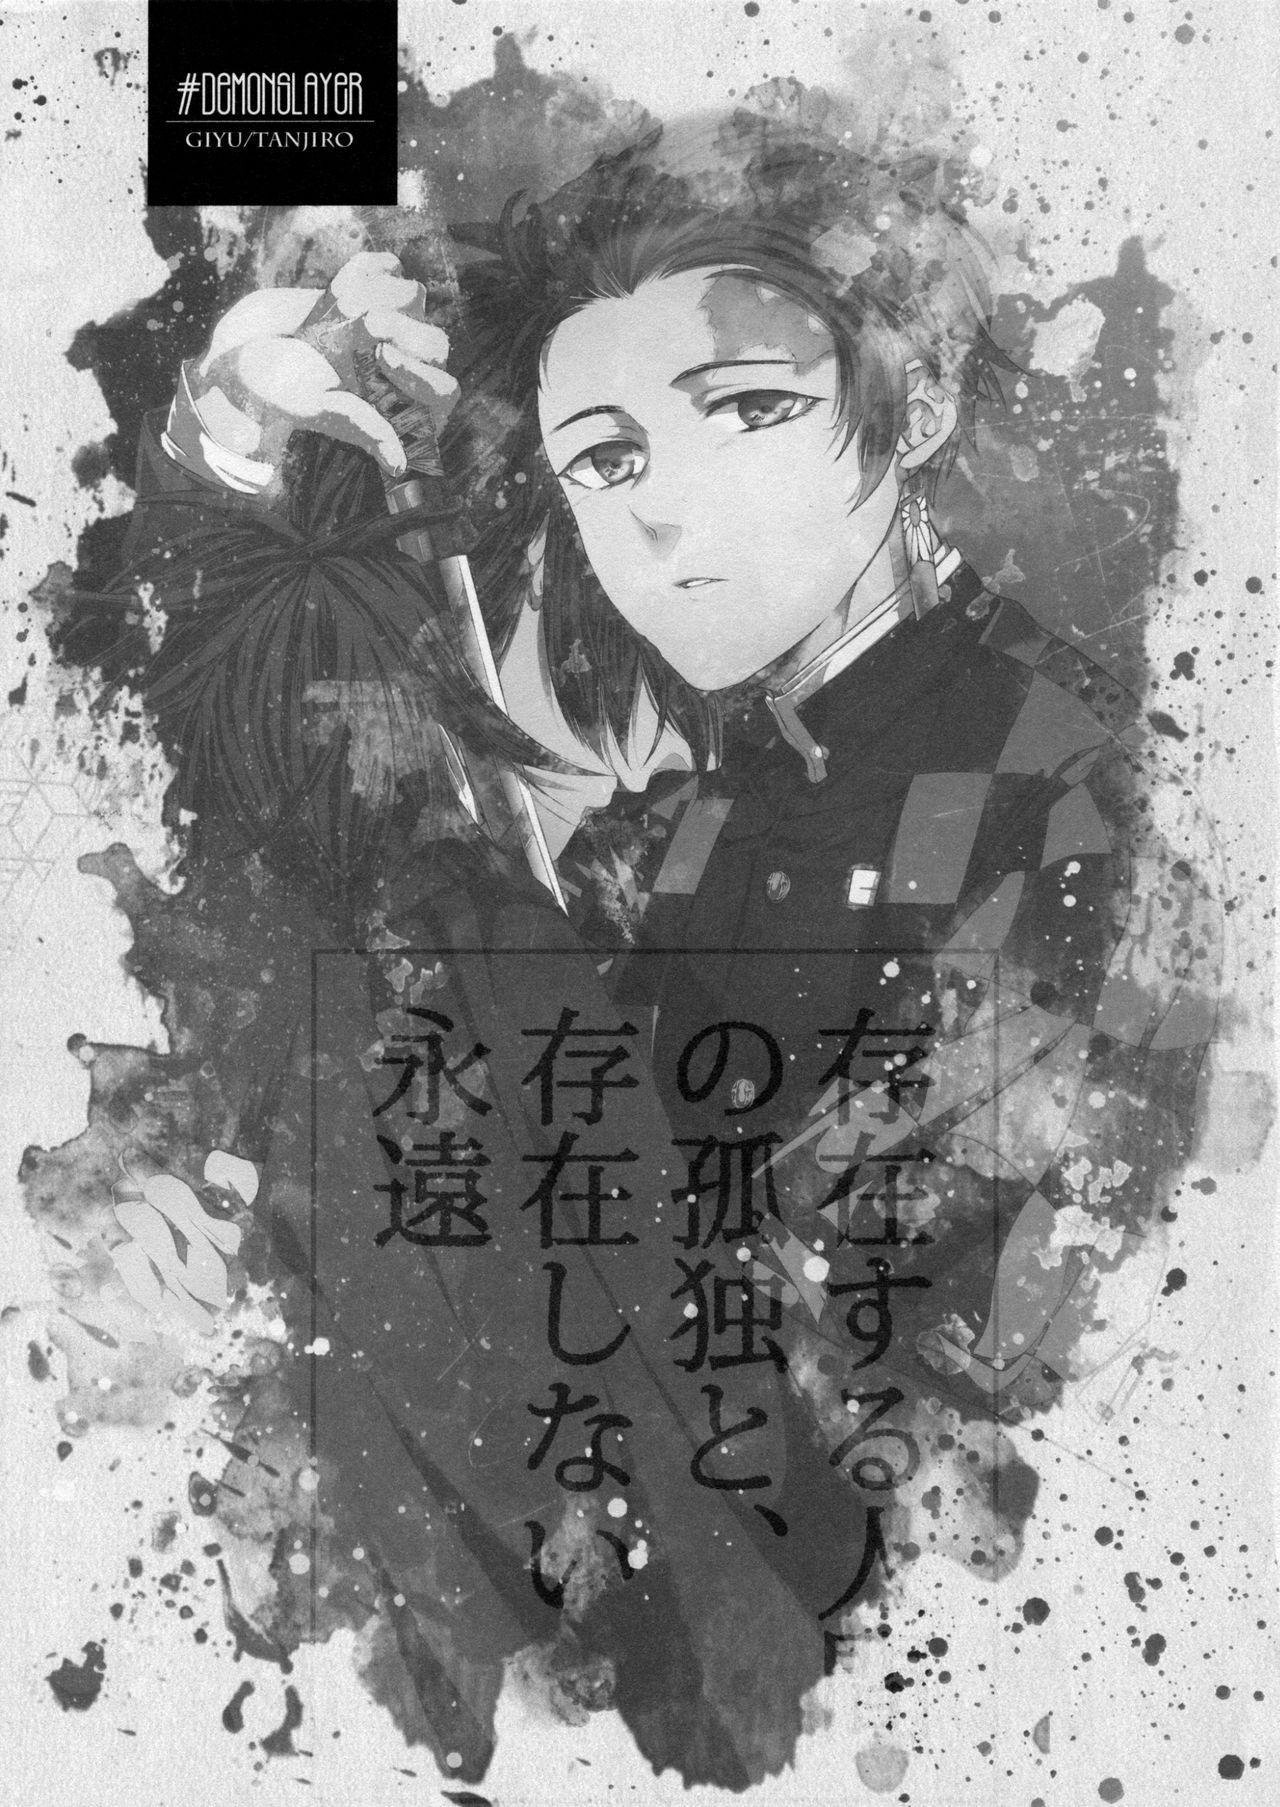 Sonzai suru Ningen no Kodoku to, Sonzai shinai Eien 1